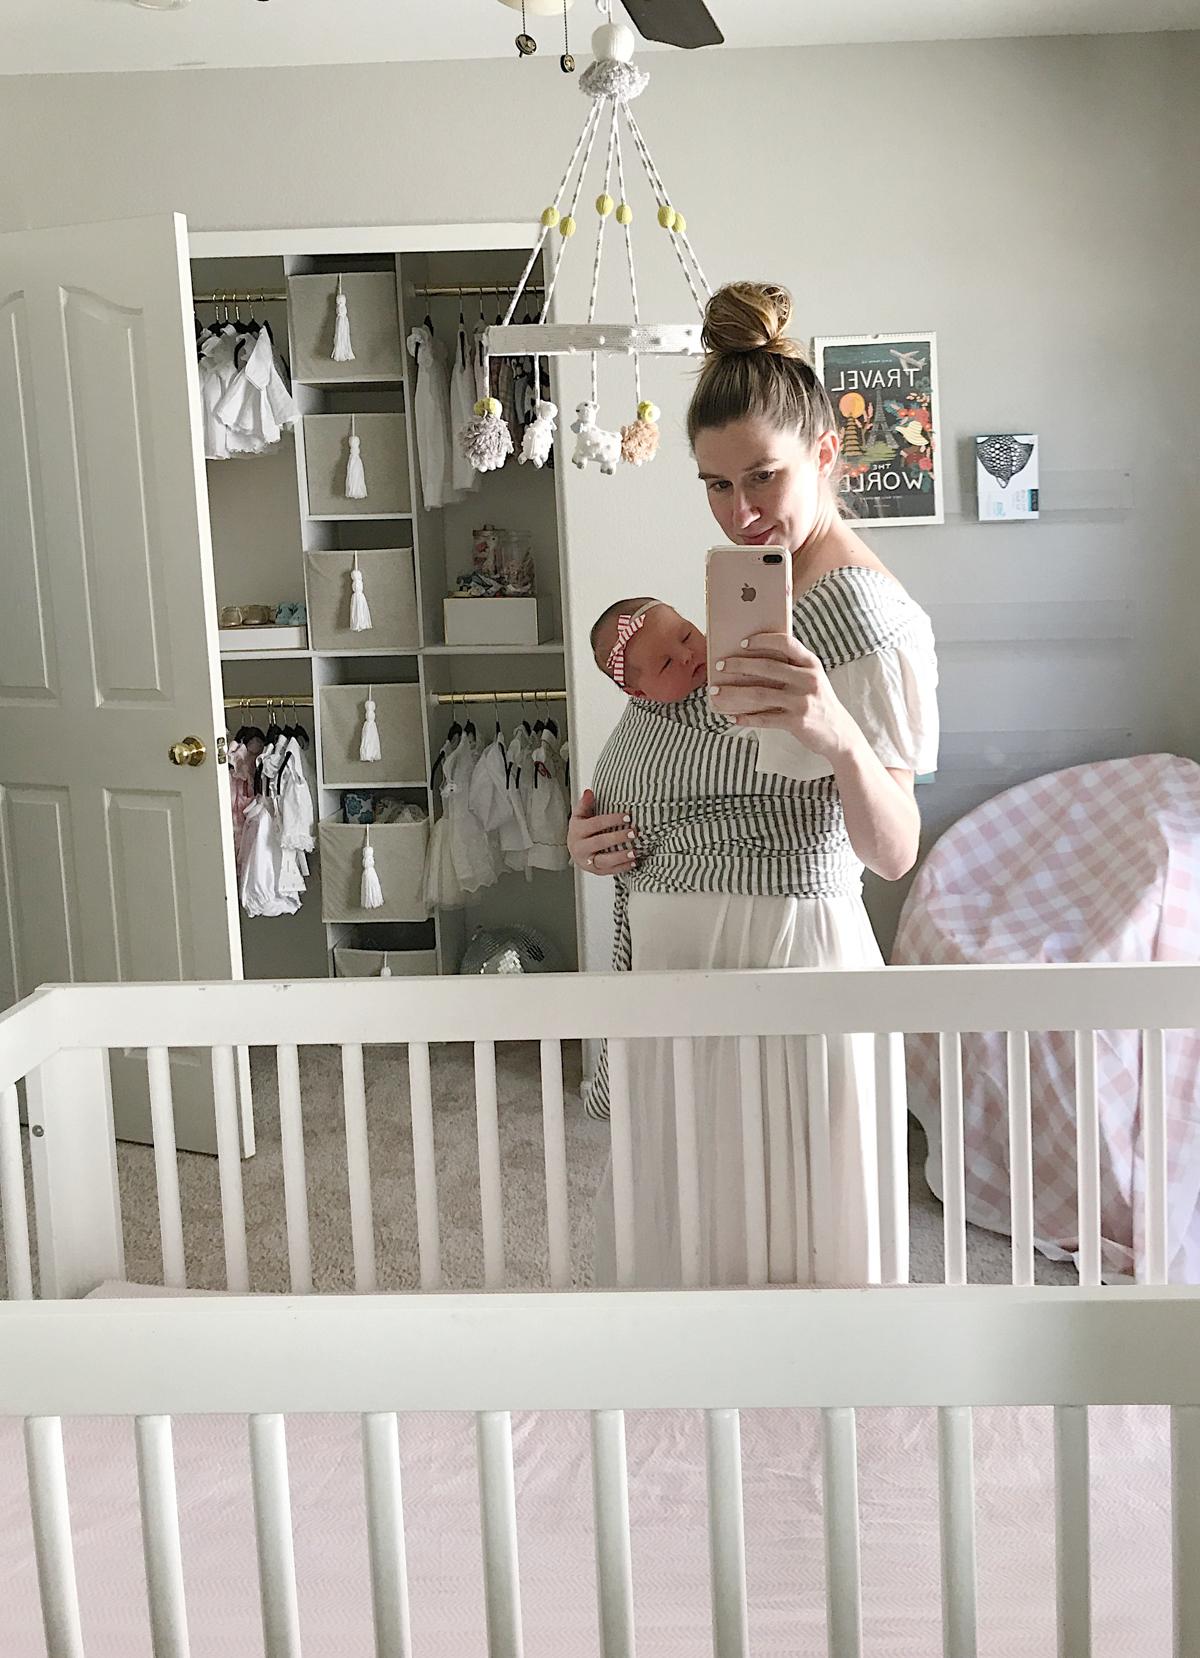 Postpartum   Postpartum Recovery   Postpartum Experience